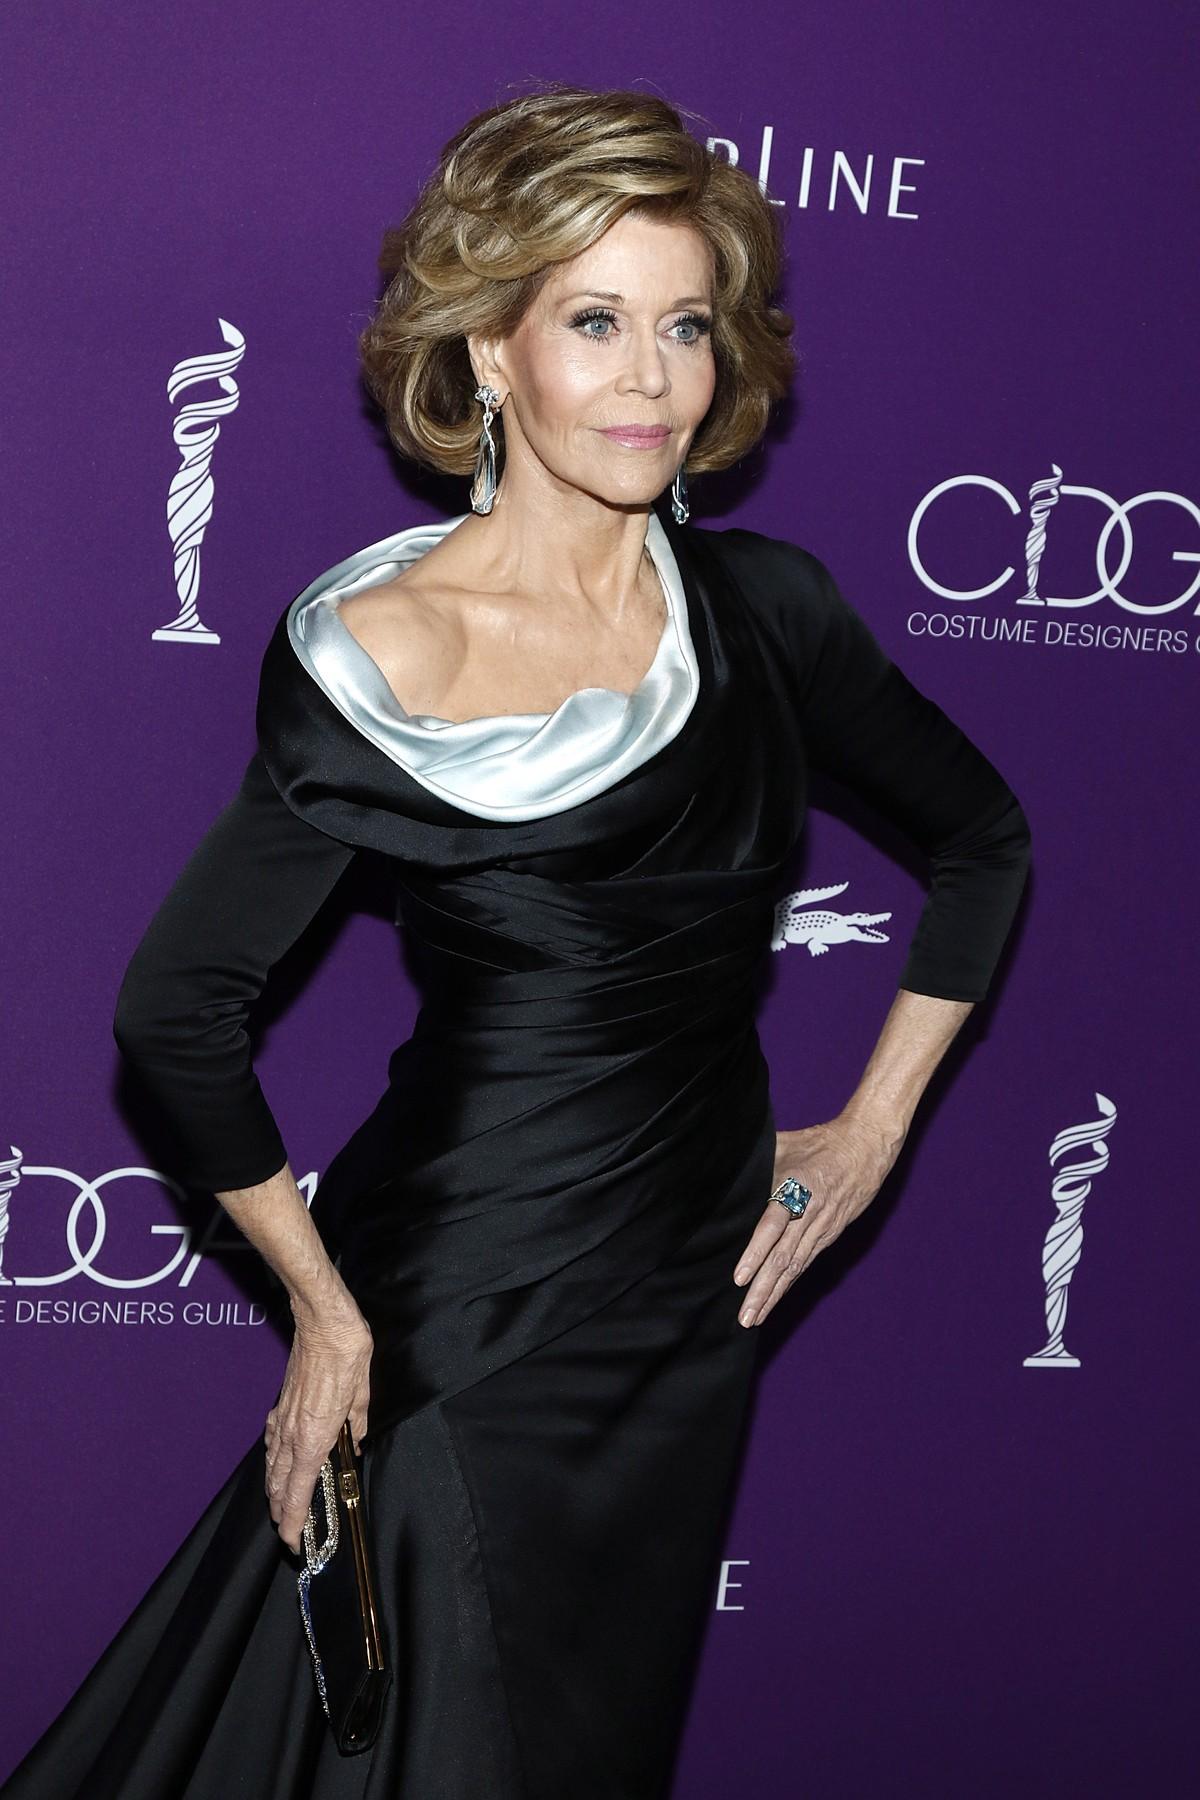 Sinonim-za-lepoto-tudi-na-pragu-devetega-desetletja-Jane-Fonda-razkriva-svoje-lepotne-skrivnosti-4